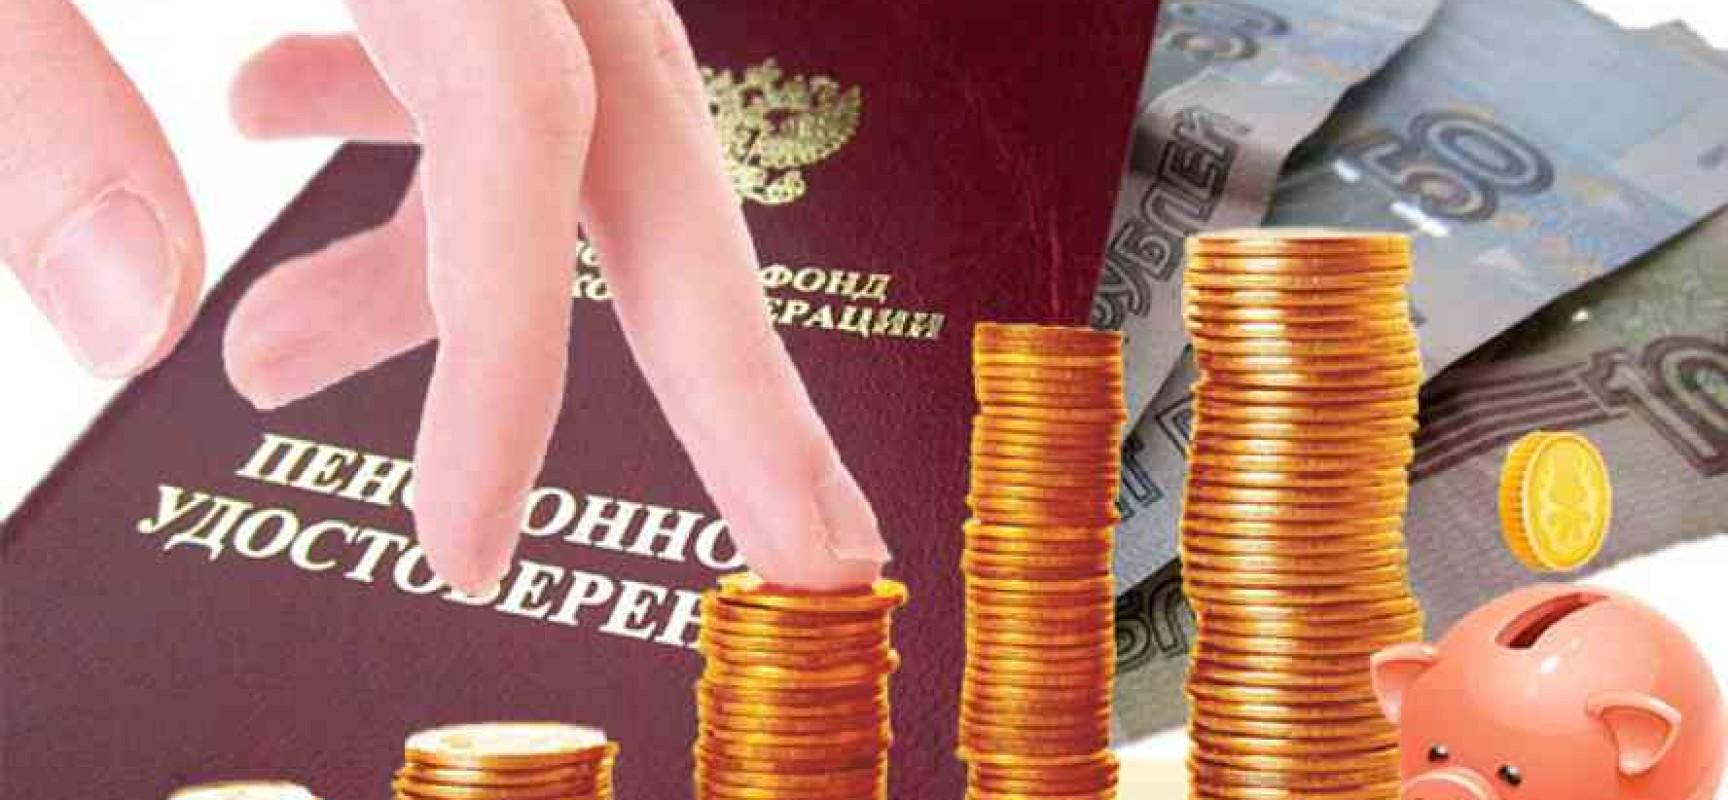 Какими преимуществами пользуются пенсионеры, проживающие в Подмосковье при получении пенсионных выплат?